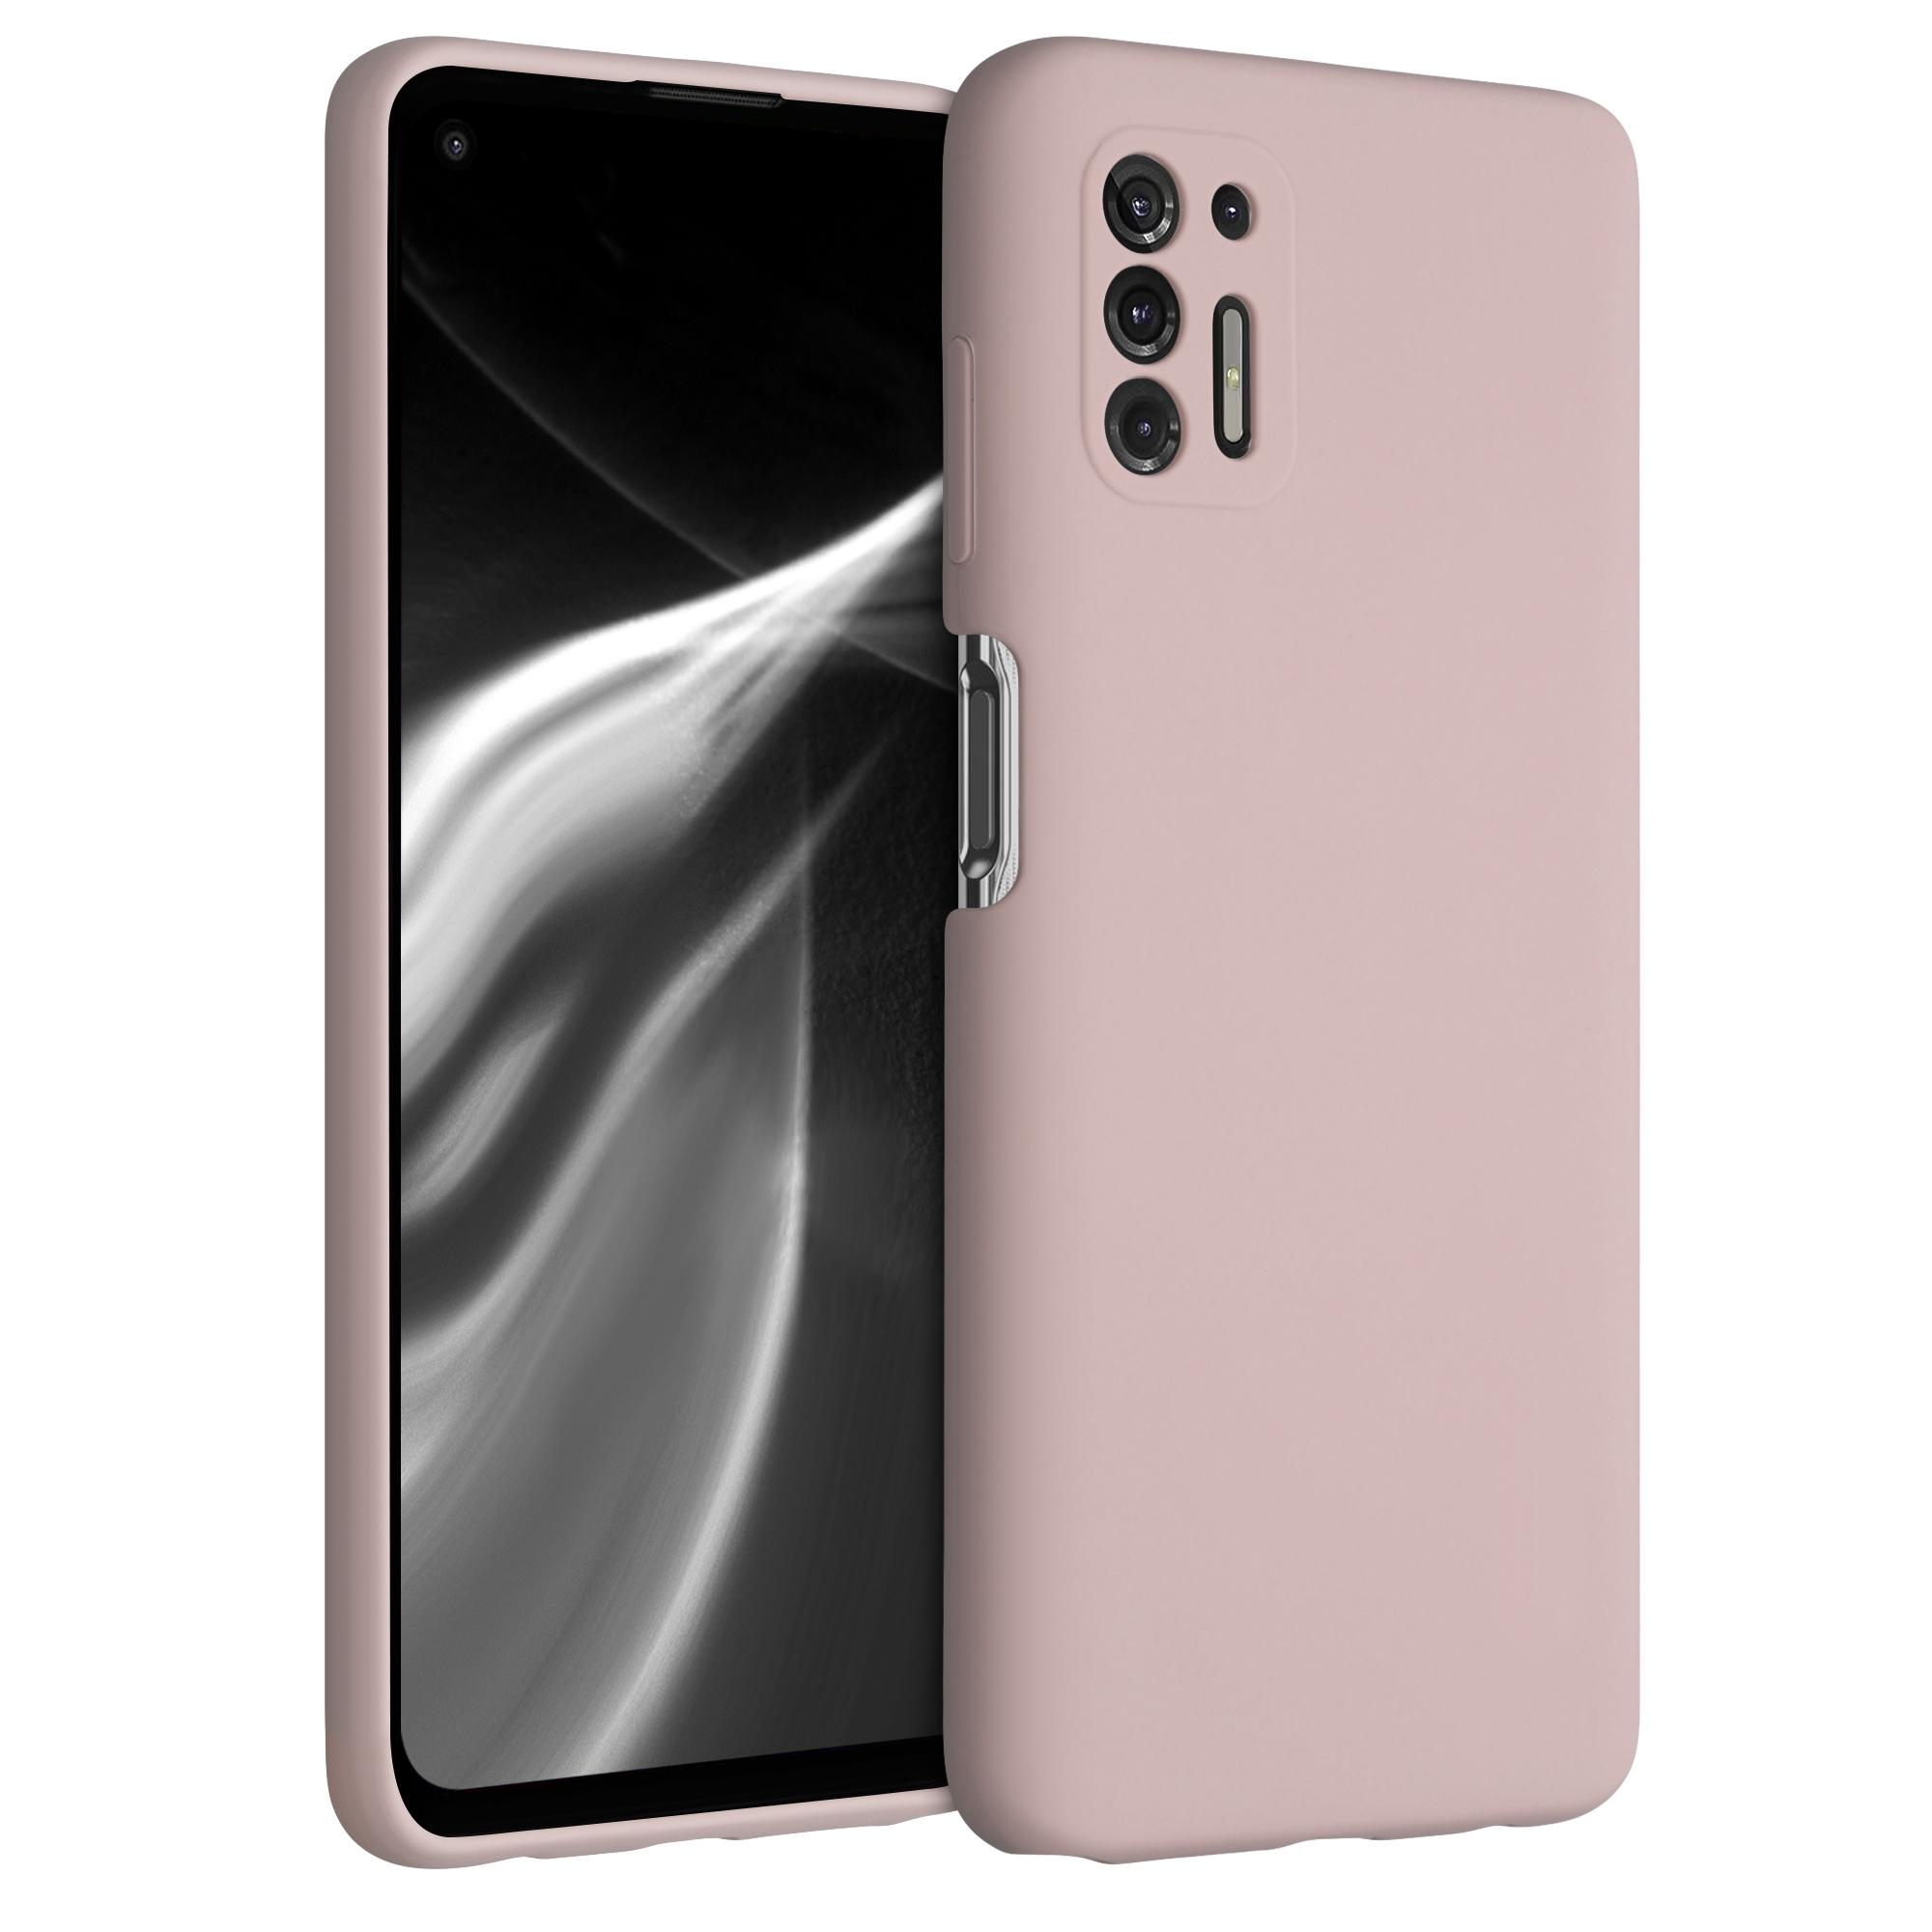 Kvalitní silikonové TPU pouzdro | obal pro Motorola Moto G Pro (2021) / Moto G Stylus (2021) - Prachově růžová